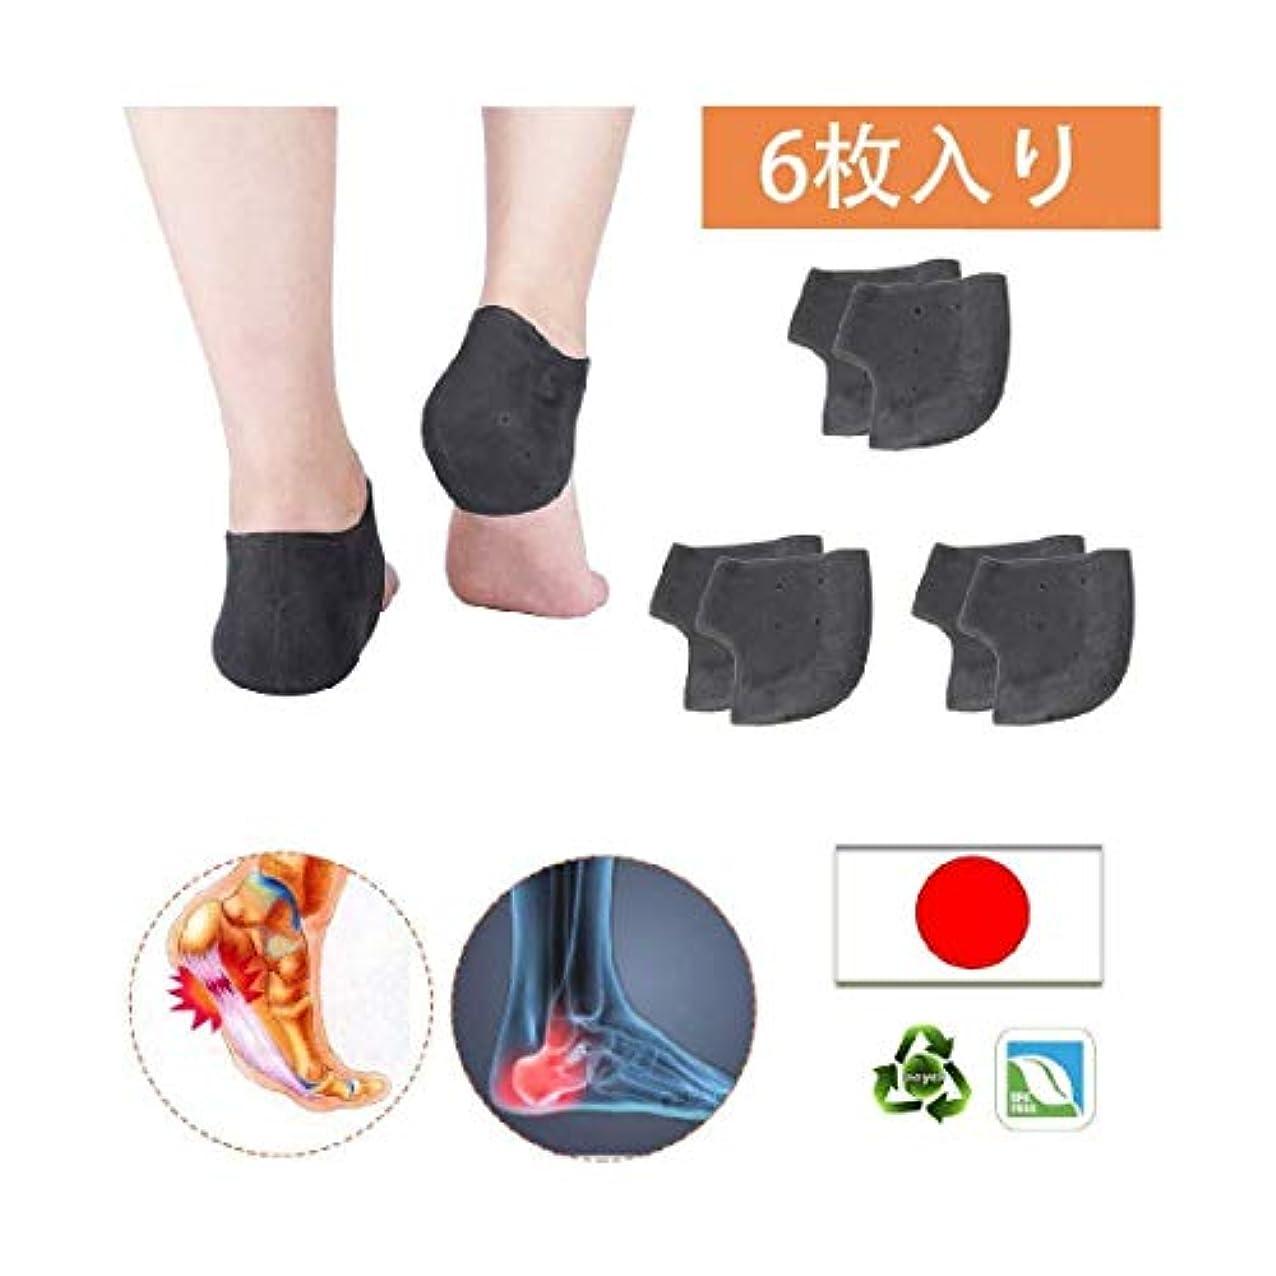 おなじみの流産魔術師足用保護パッド かかと保護カバー ヒールカップ足底筋膜炎インサート通気性 シークレットインソール ヒールの痛み緩和 保湿 かかと靴下) 男女兼用